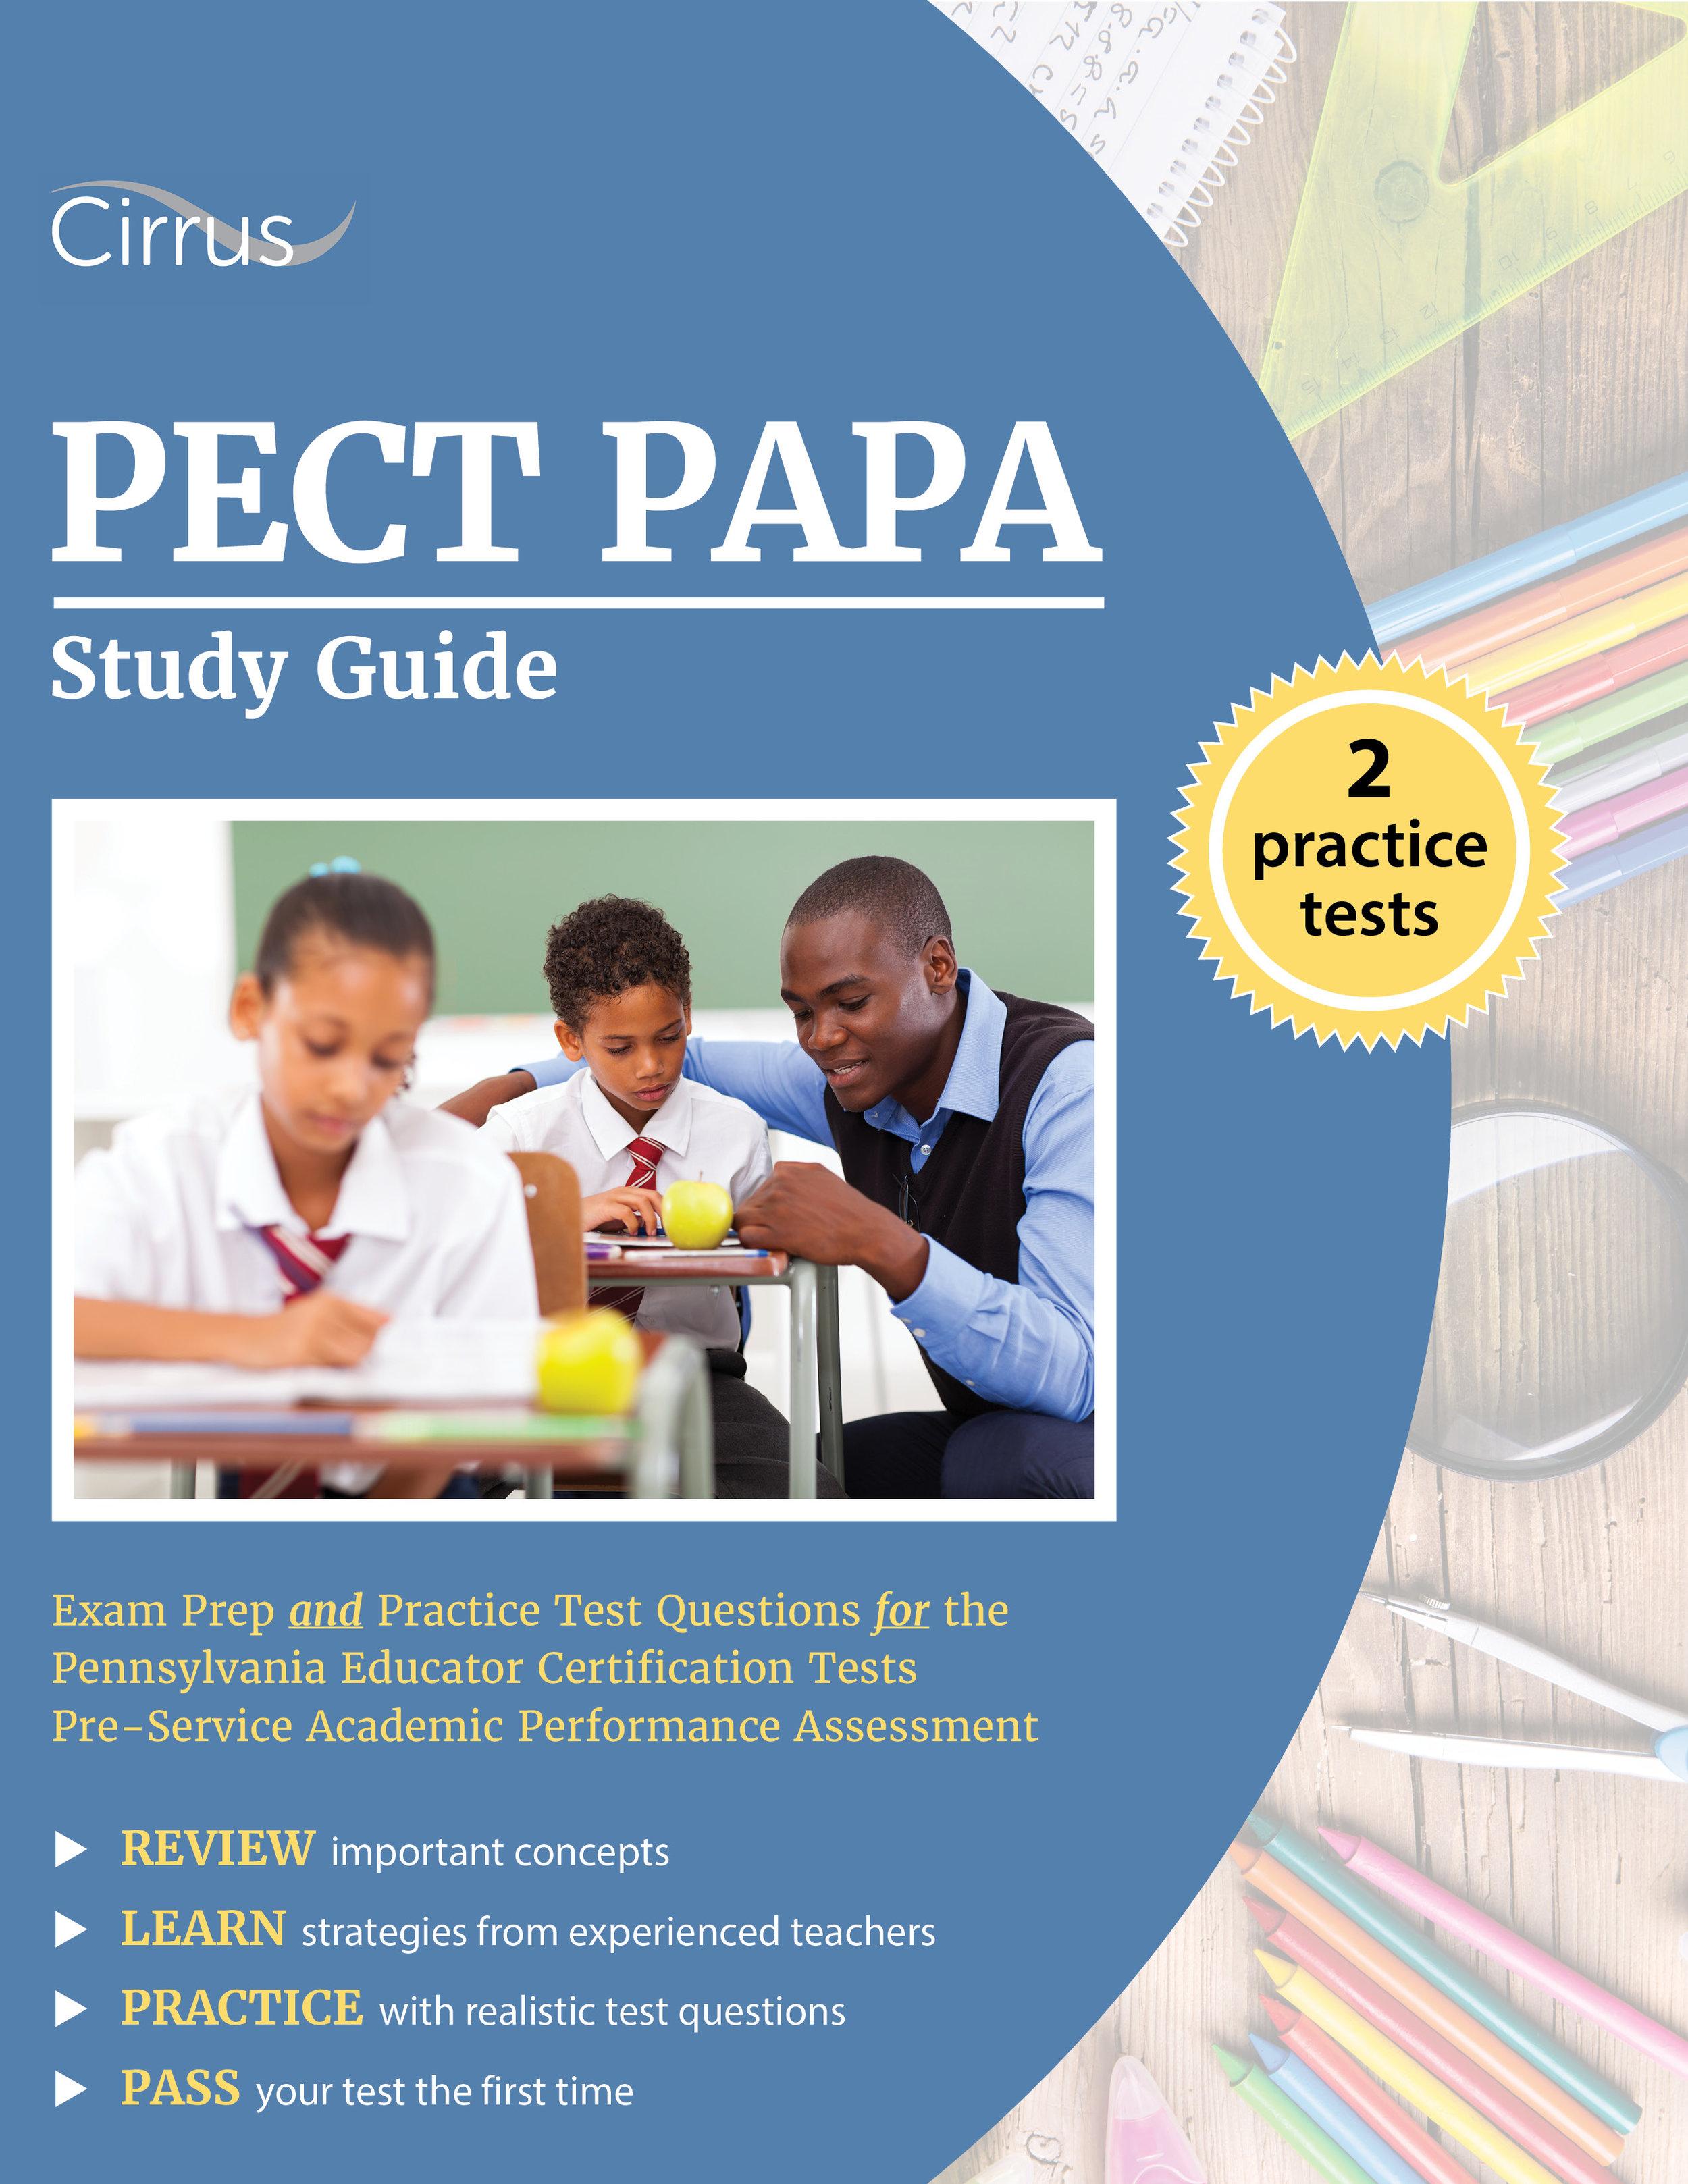 PECT PAPA Study Guide